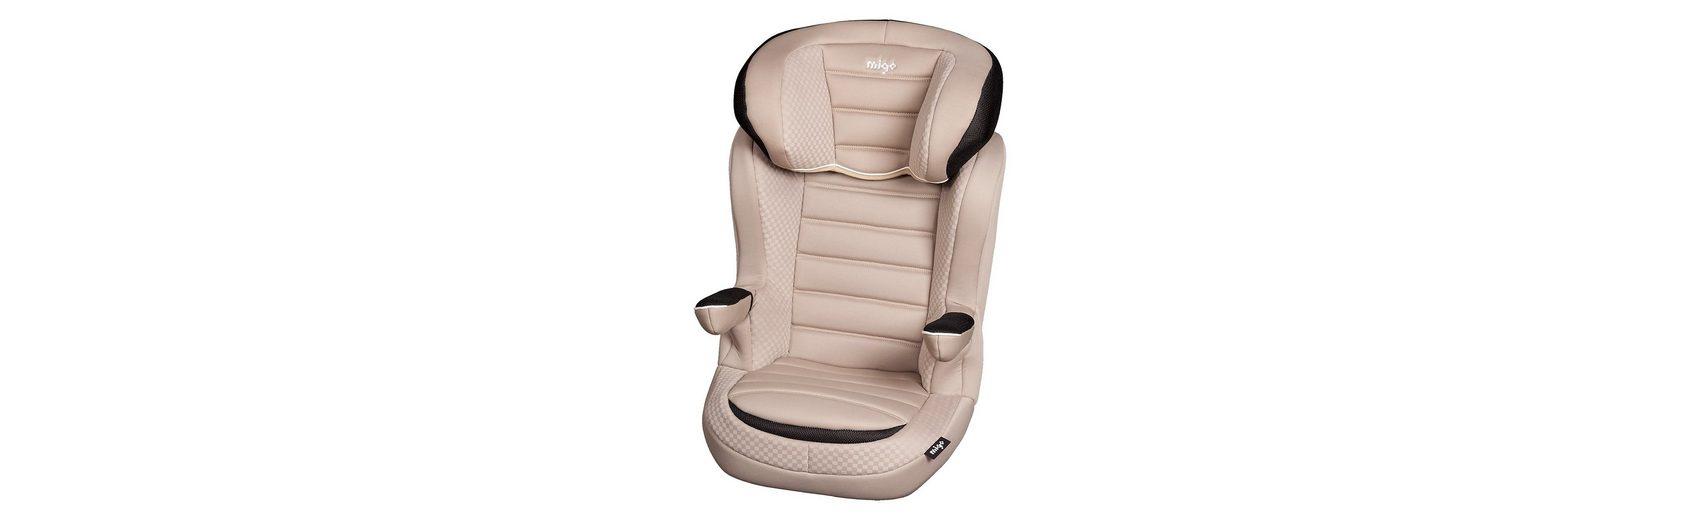 Osann Auto-Kindersitz Migo Sirius, Atmo, 2014